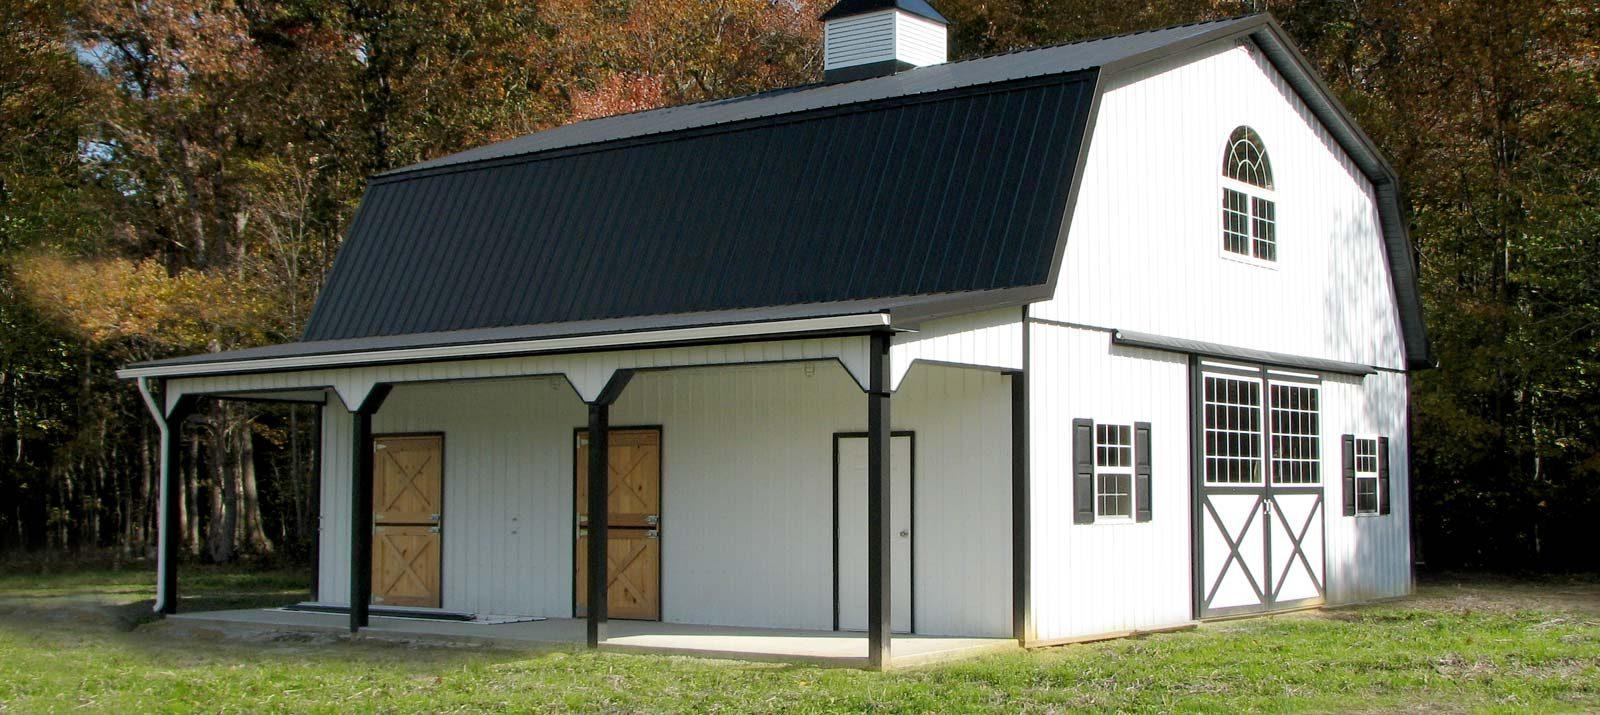 cb-slider-ag-barns-5